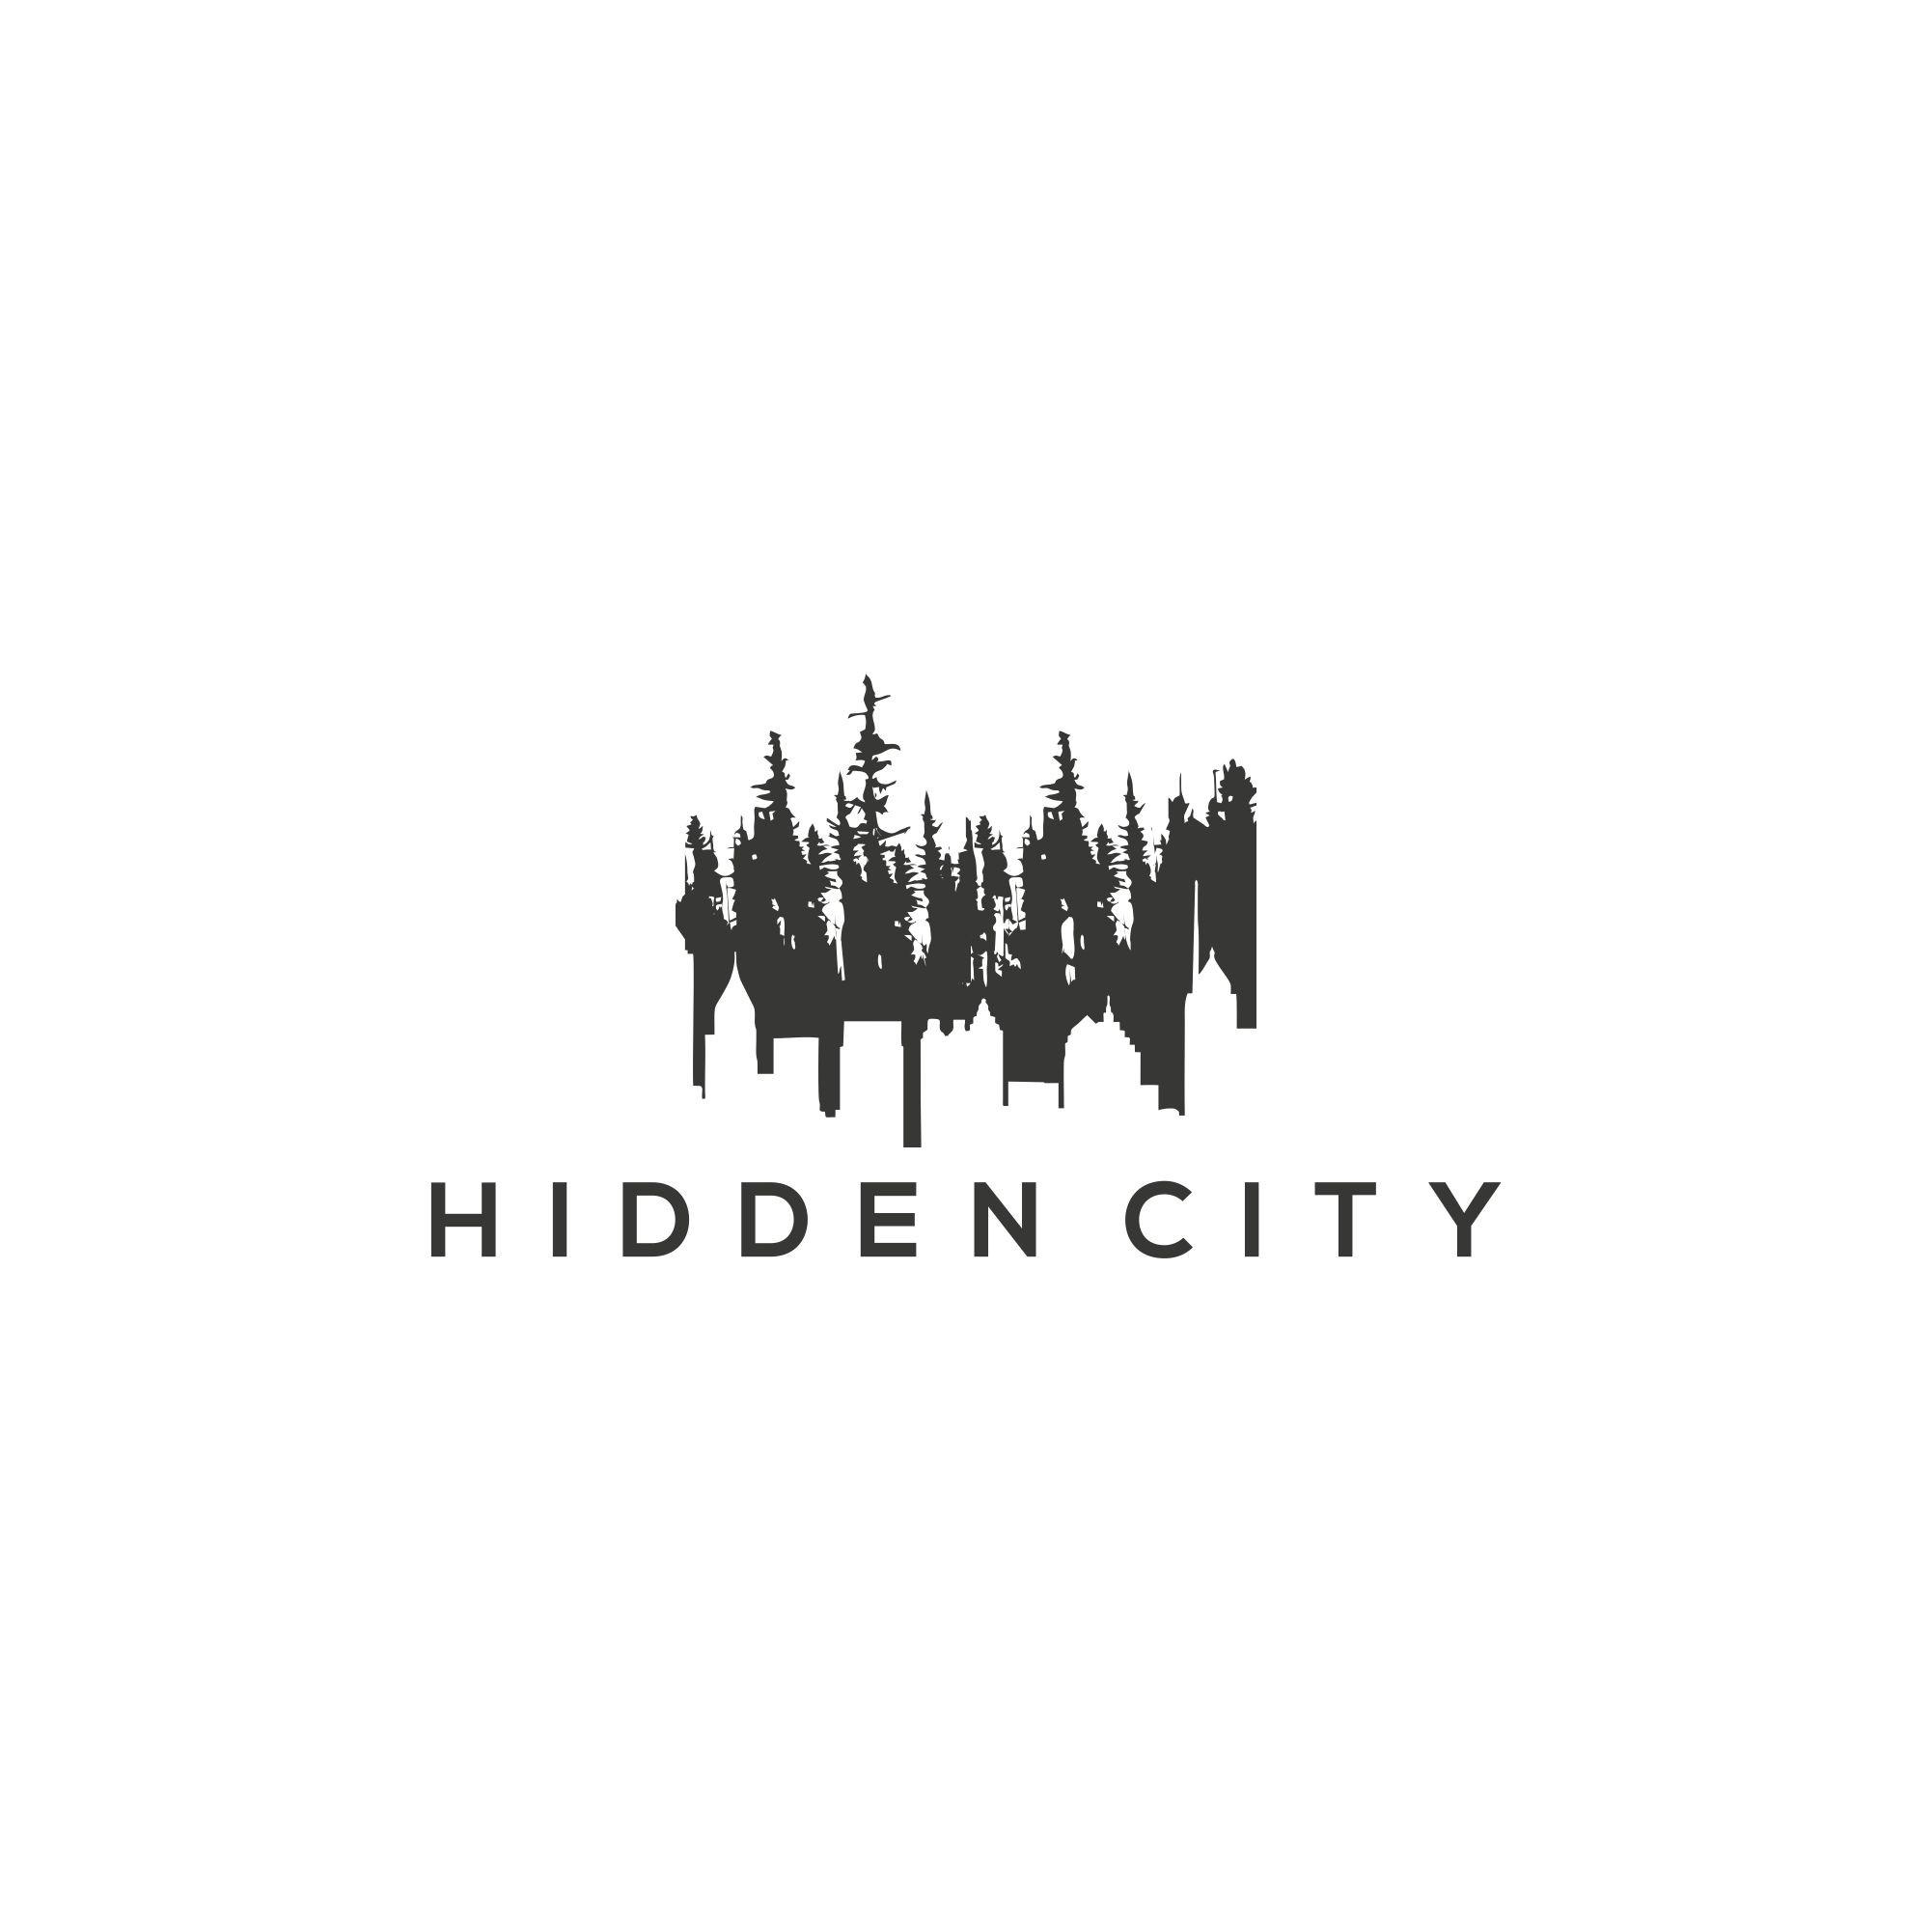 Media company needs modern logo